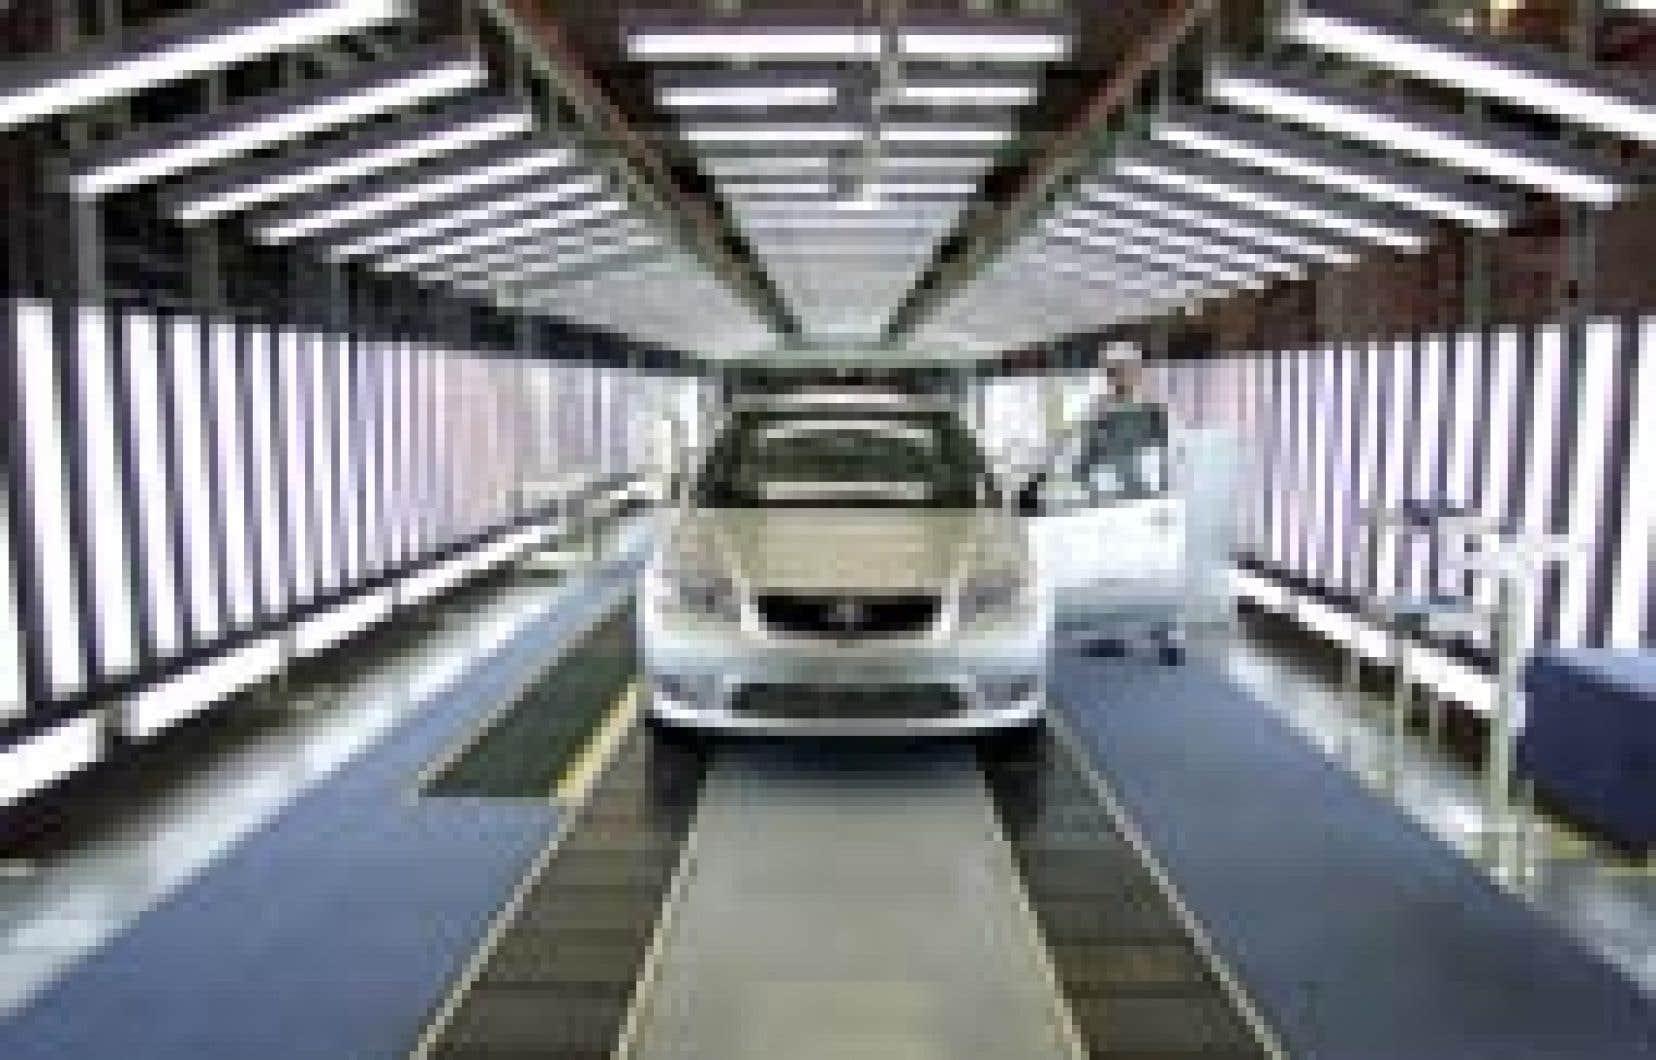 Dernière vérification dans une usine de Toyota. Les constructeurs nippons détiennent actuellement 32,1 % du marché des États-Unis, en ne cessant de s'étendre aux dépens des industriels américains.